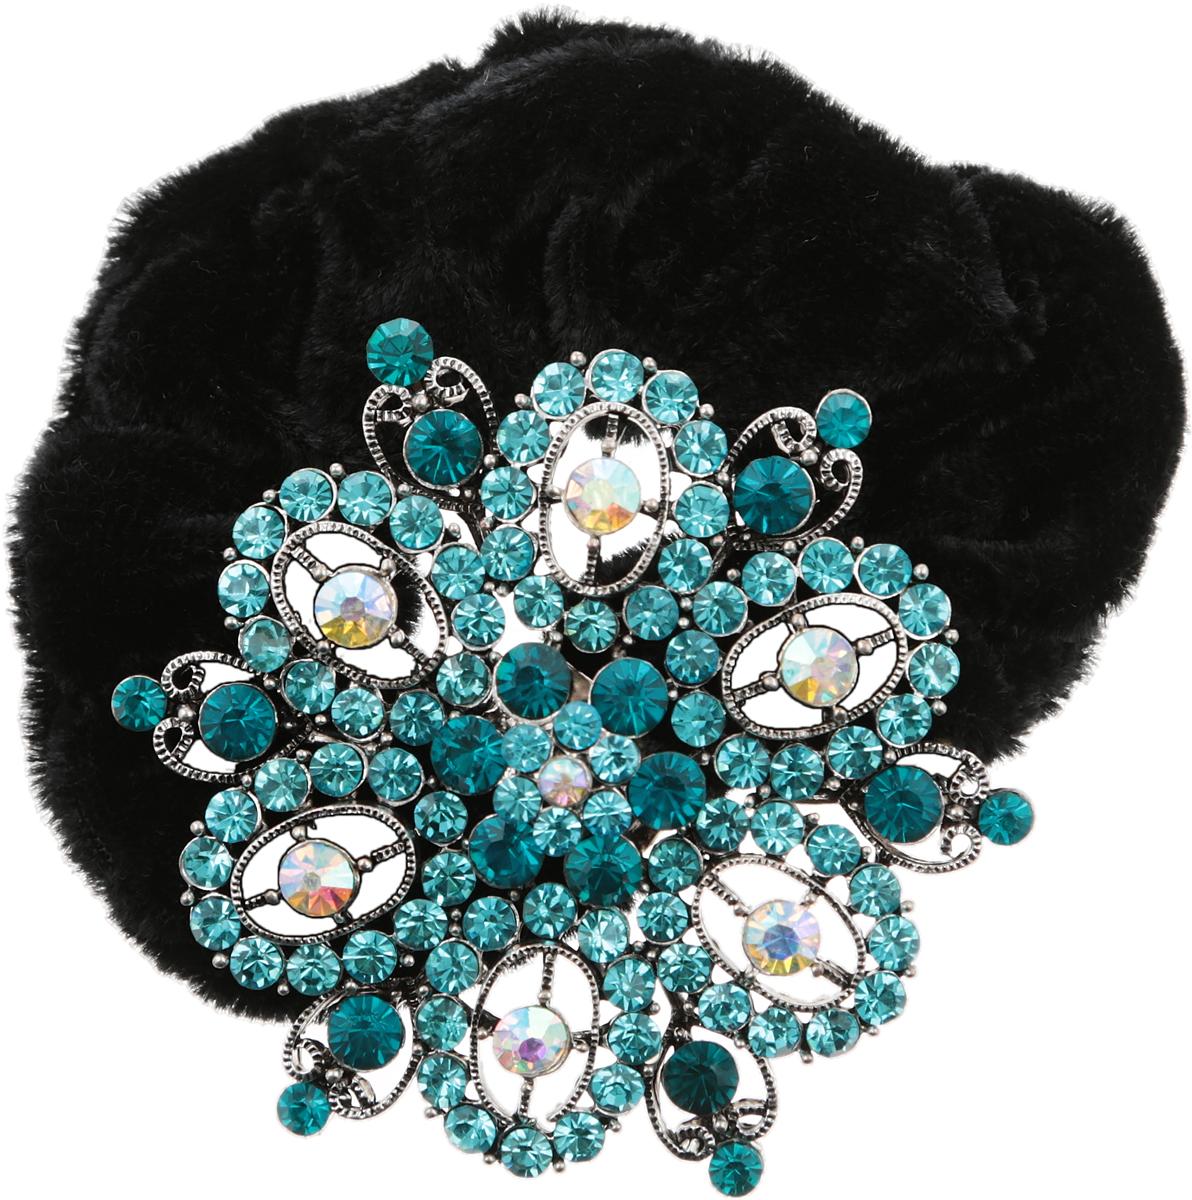 Резинка для волос от D.Mari. Велюр, кристаллы Aurora Borealis, голубые кристаллы, бижутерный сплав серебряного тона. Гонконг1705-WHITE-DAMРезинка для волос от D.Mari. Велюр, кристаллы Aurora Borealis, голубые кристаллы, бижутерный сплав серебряного тона. Гонконг. Размер - резинка эластичная, подойдет на любой размер.